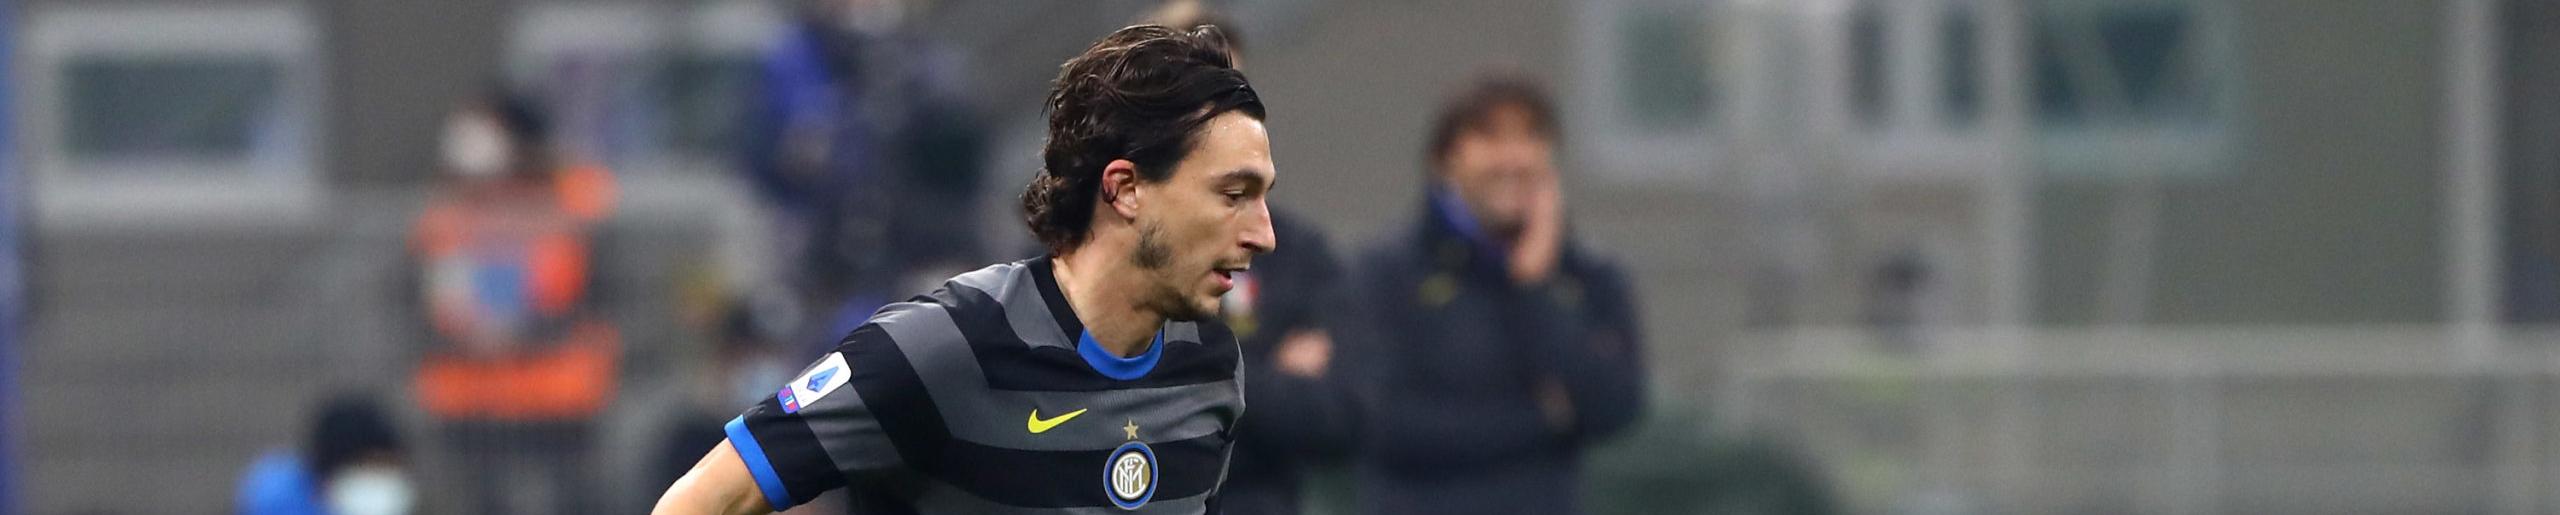 Pronostico Roma-Inter: Fonseca punta su Dzeko, Conte gioca la carta Darmian – le ultimissime